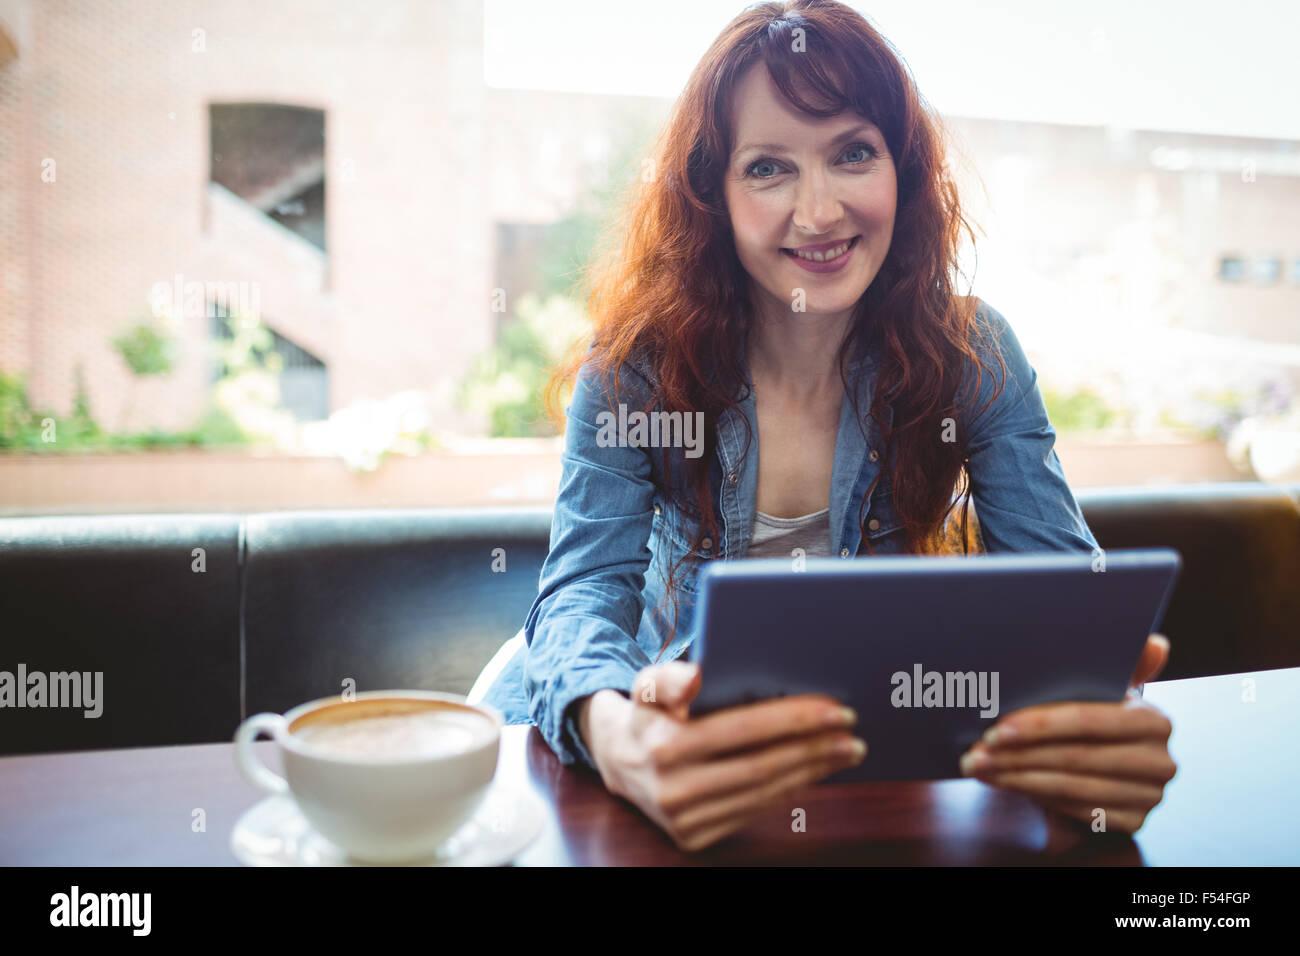 Coppia studente utilizzando tablet in cafe Immagini Stock